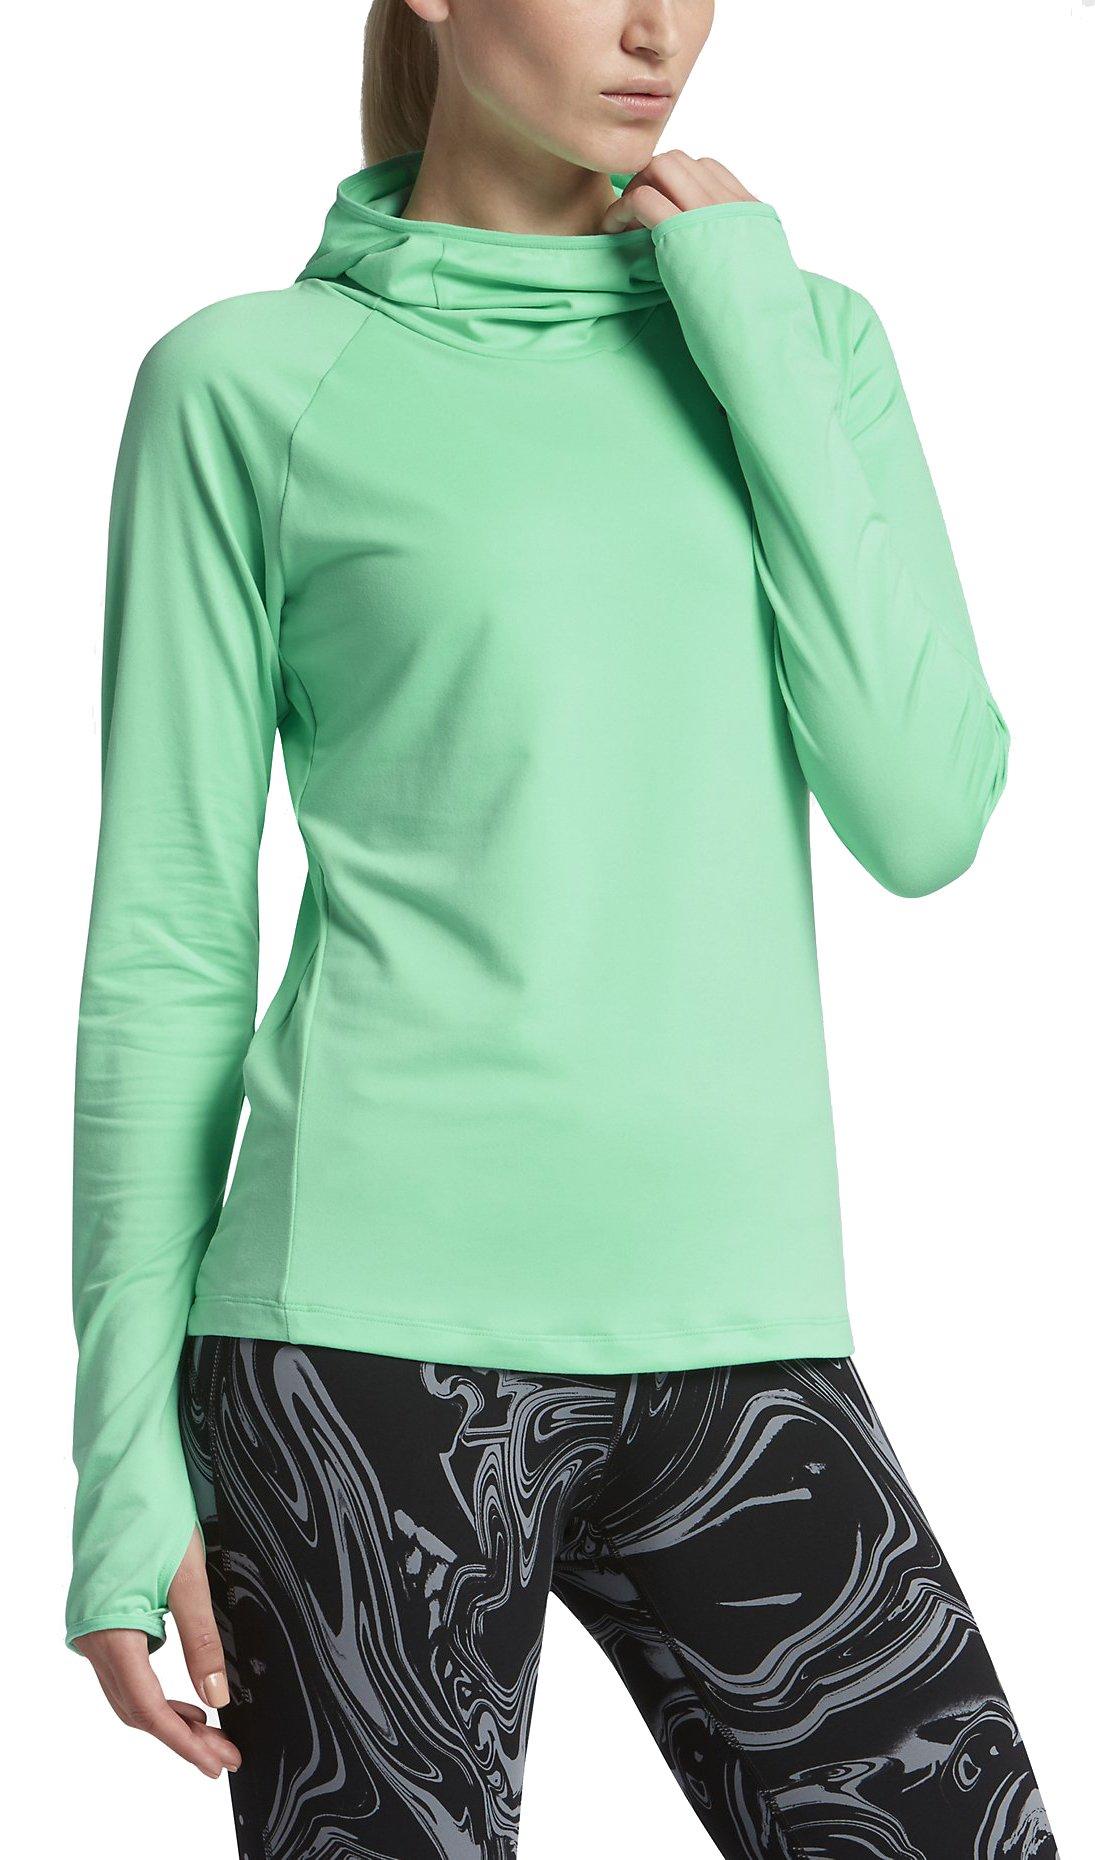 Běžecká mikina s kapucí Nike Dry Element